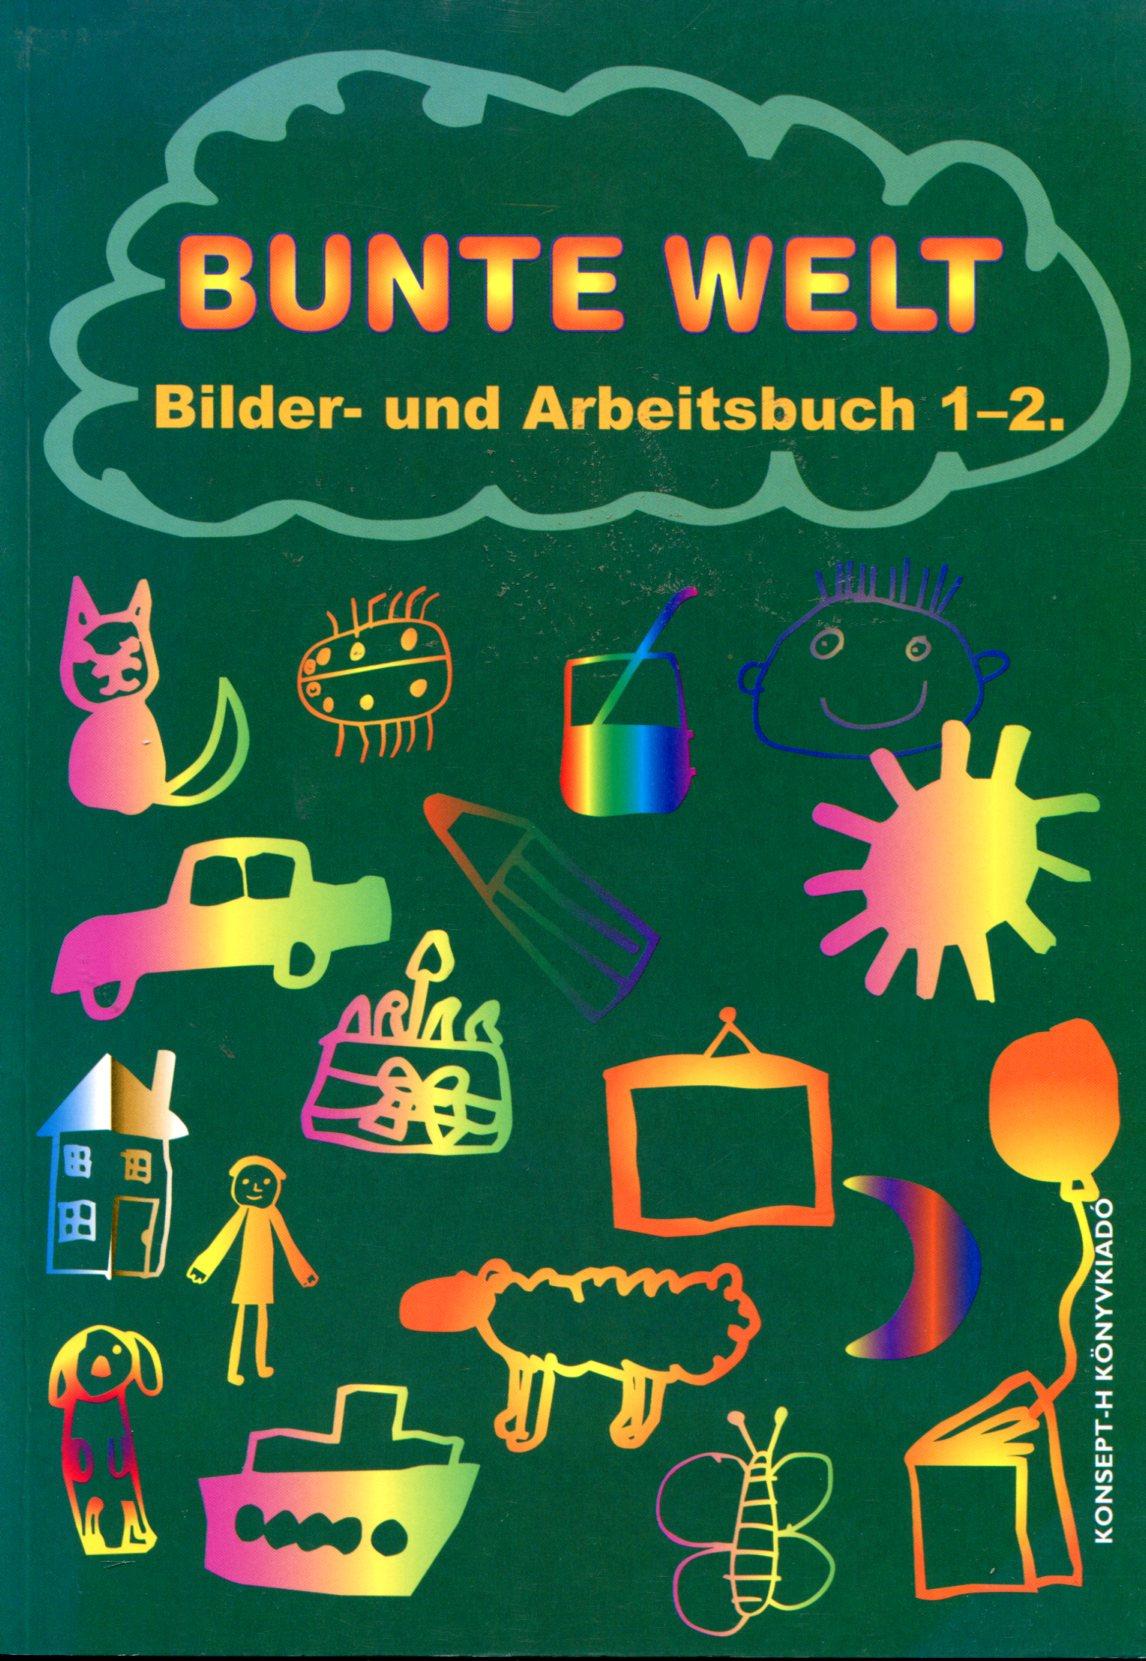 Bunte Welt. Bilder- und Arbeitsbuch 1-2.